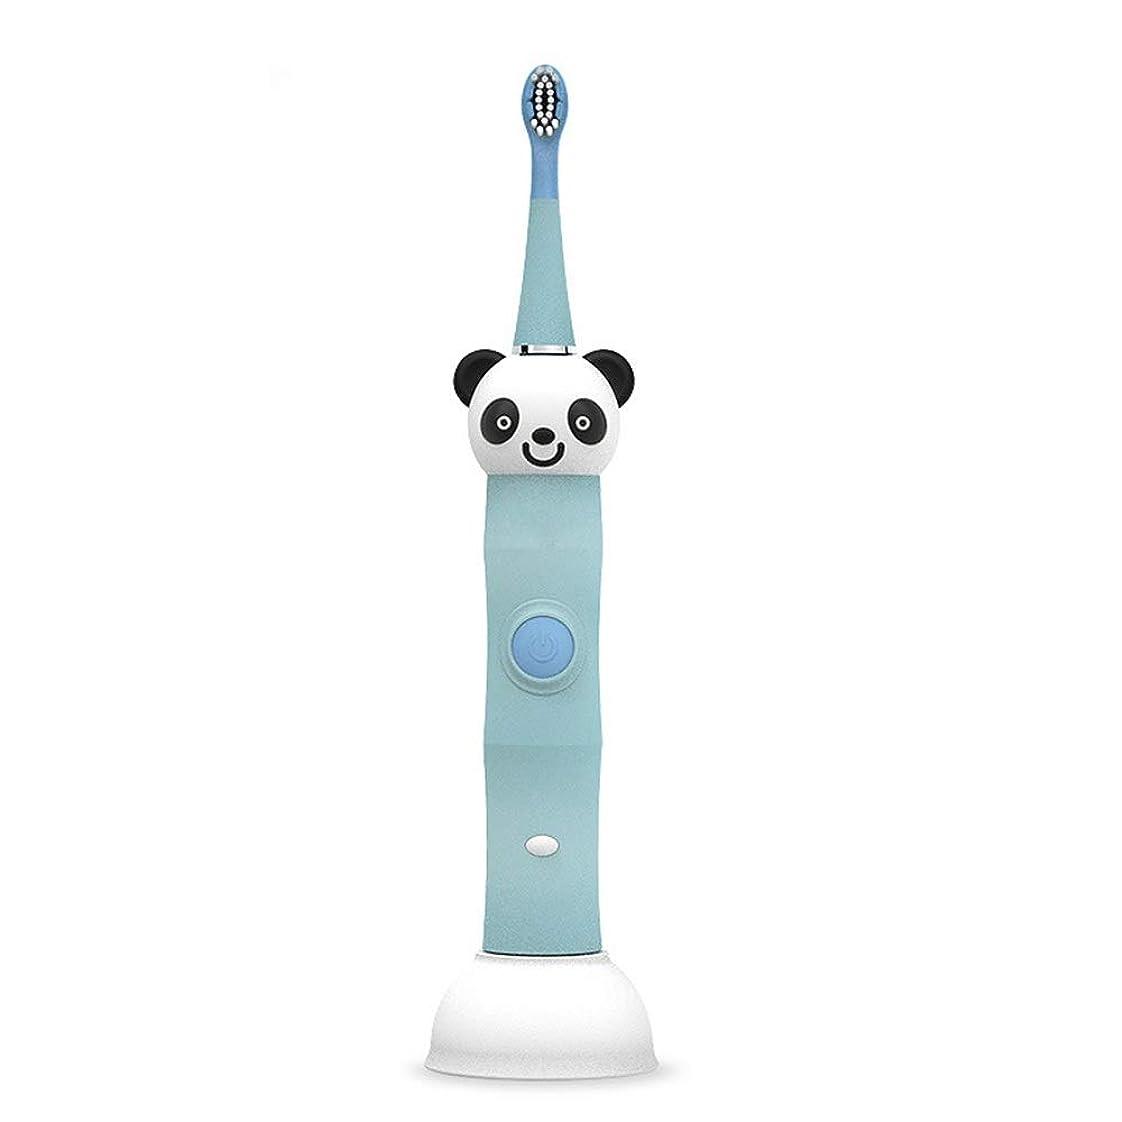 スナップ禁止式家庭用電動歯ブラシ USBの充満基盤の柔らかい毛のきれいな歯ブラシと防水子供の電動歯ブラシ 男性用女性子供大人 (色 : 青, サイズ : Free size)